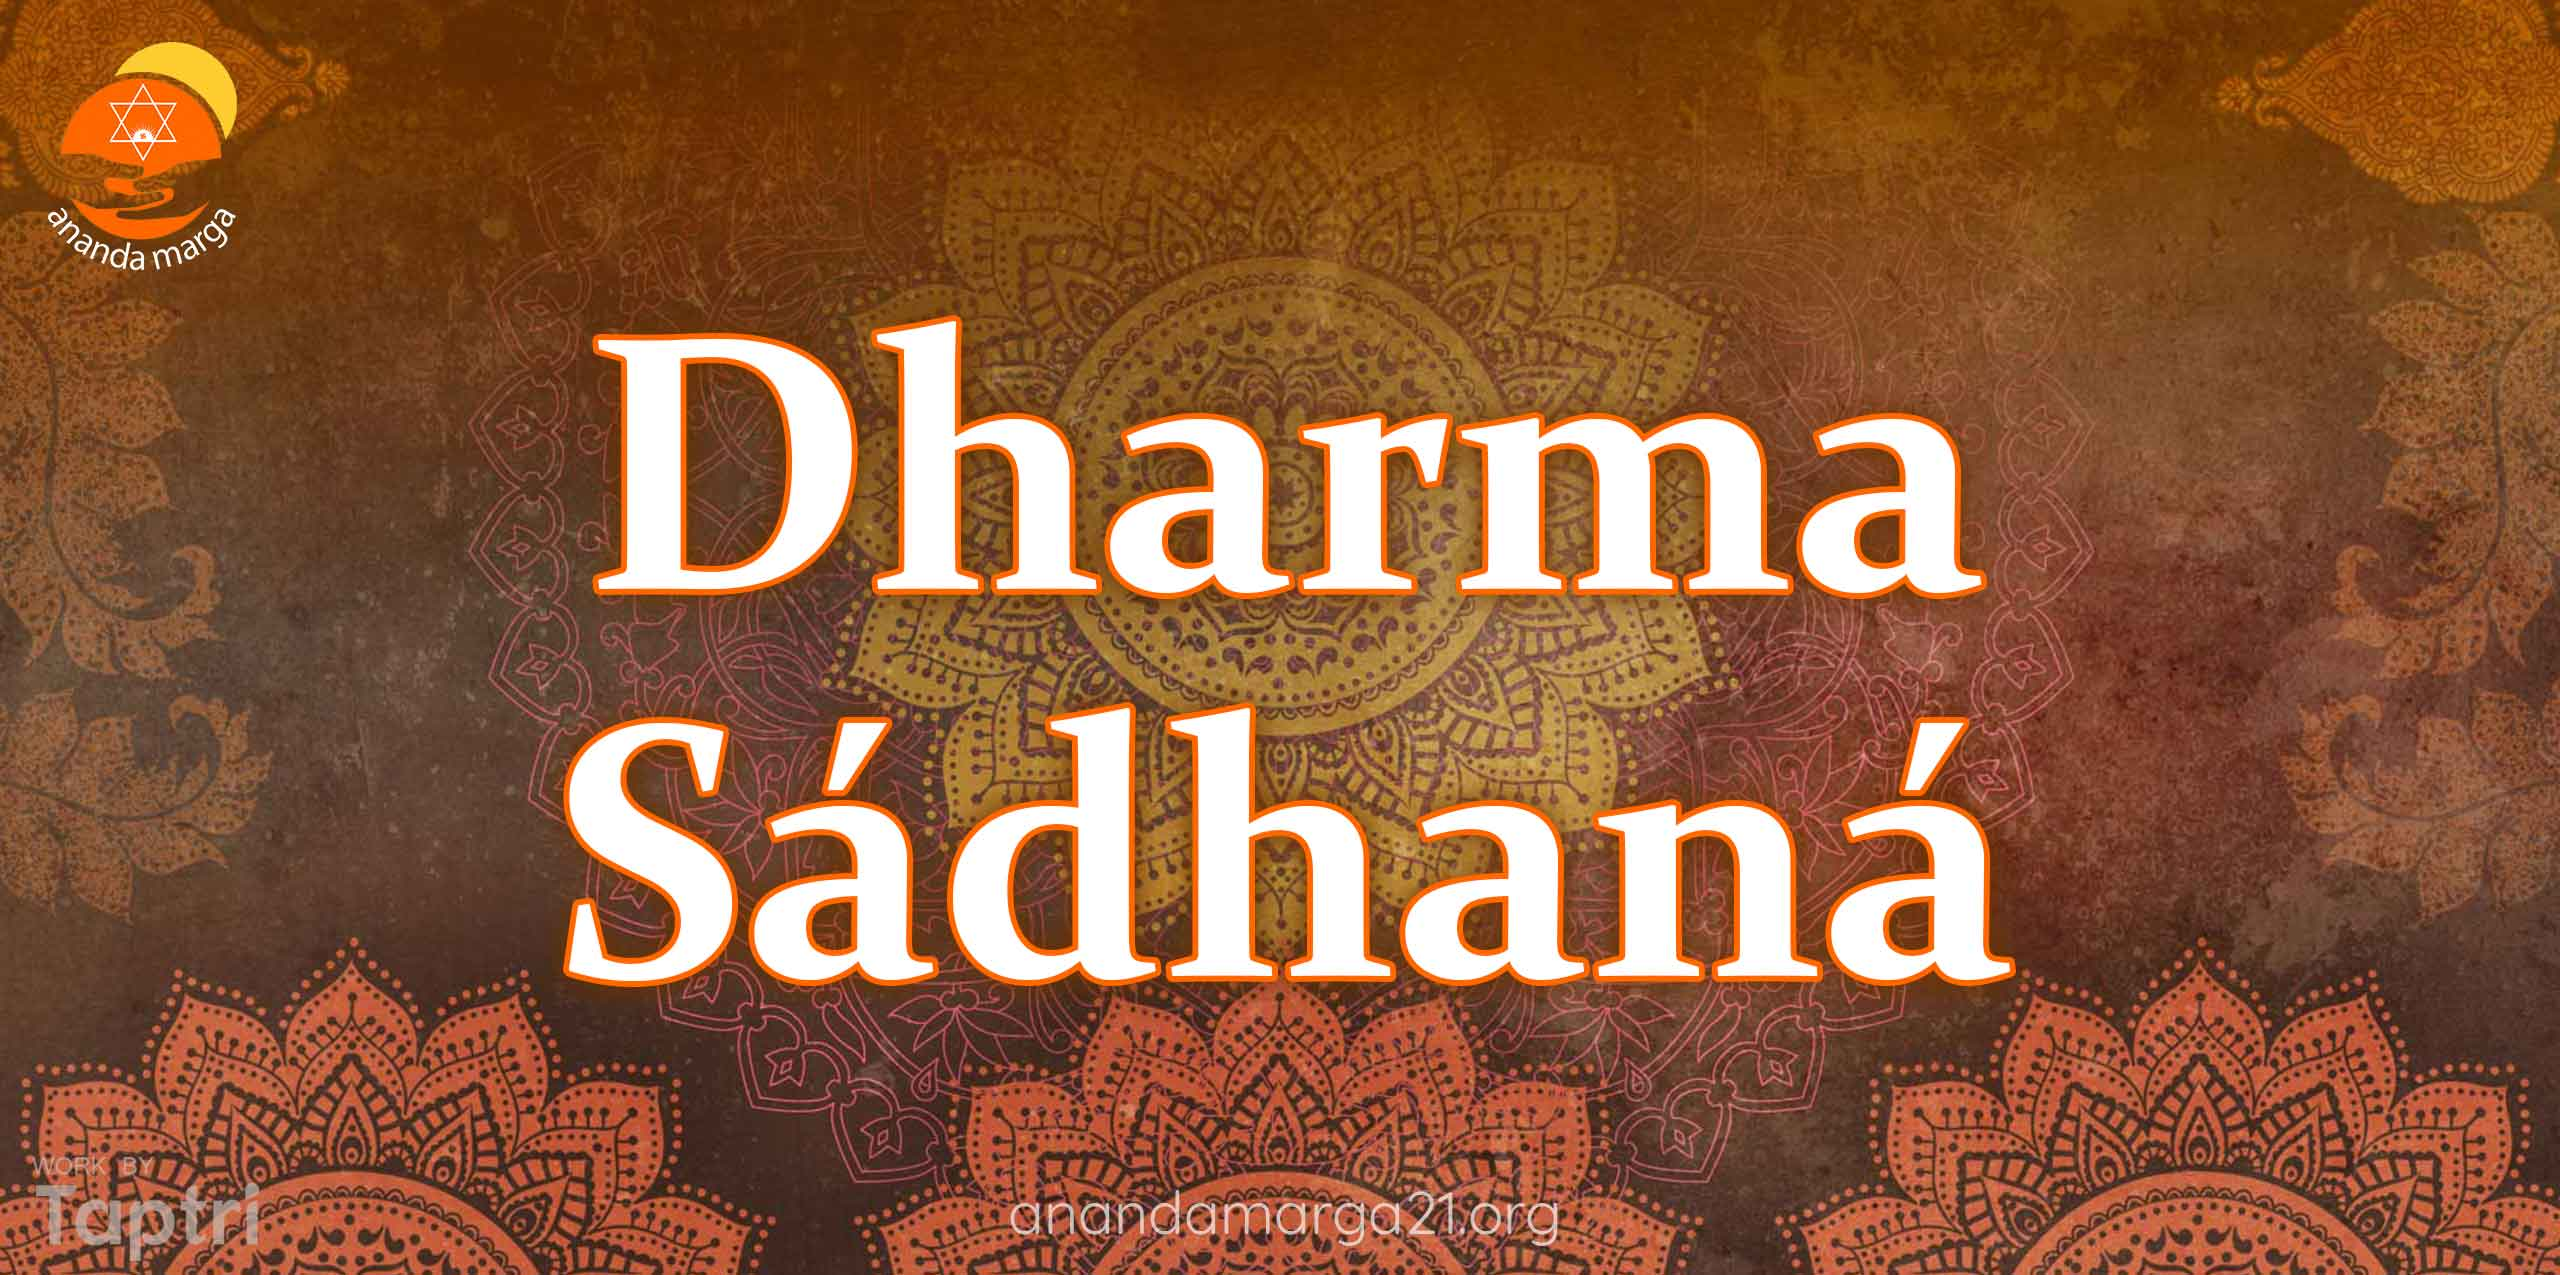 Dharama-Sadhana-Ananda-Vacanamrtam-Part-31-anandamarga